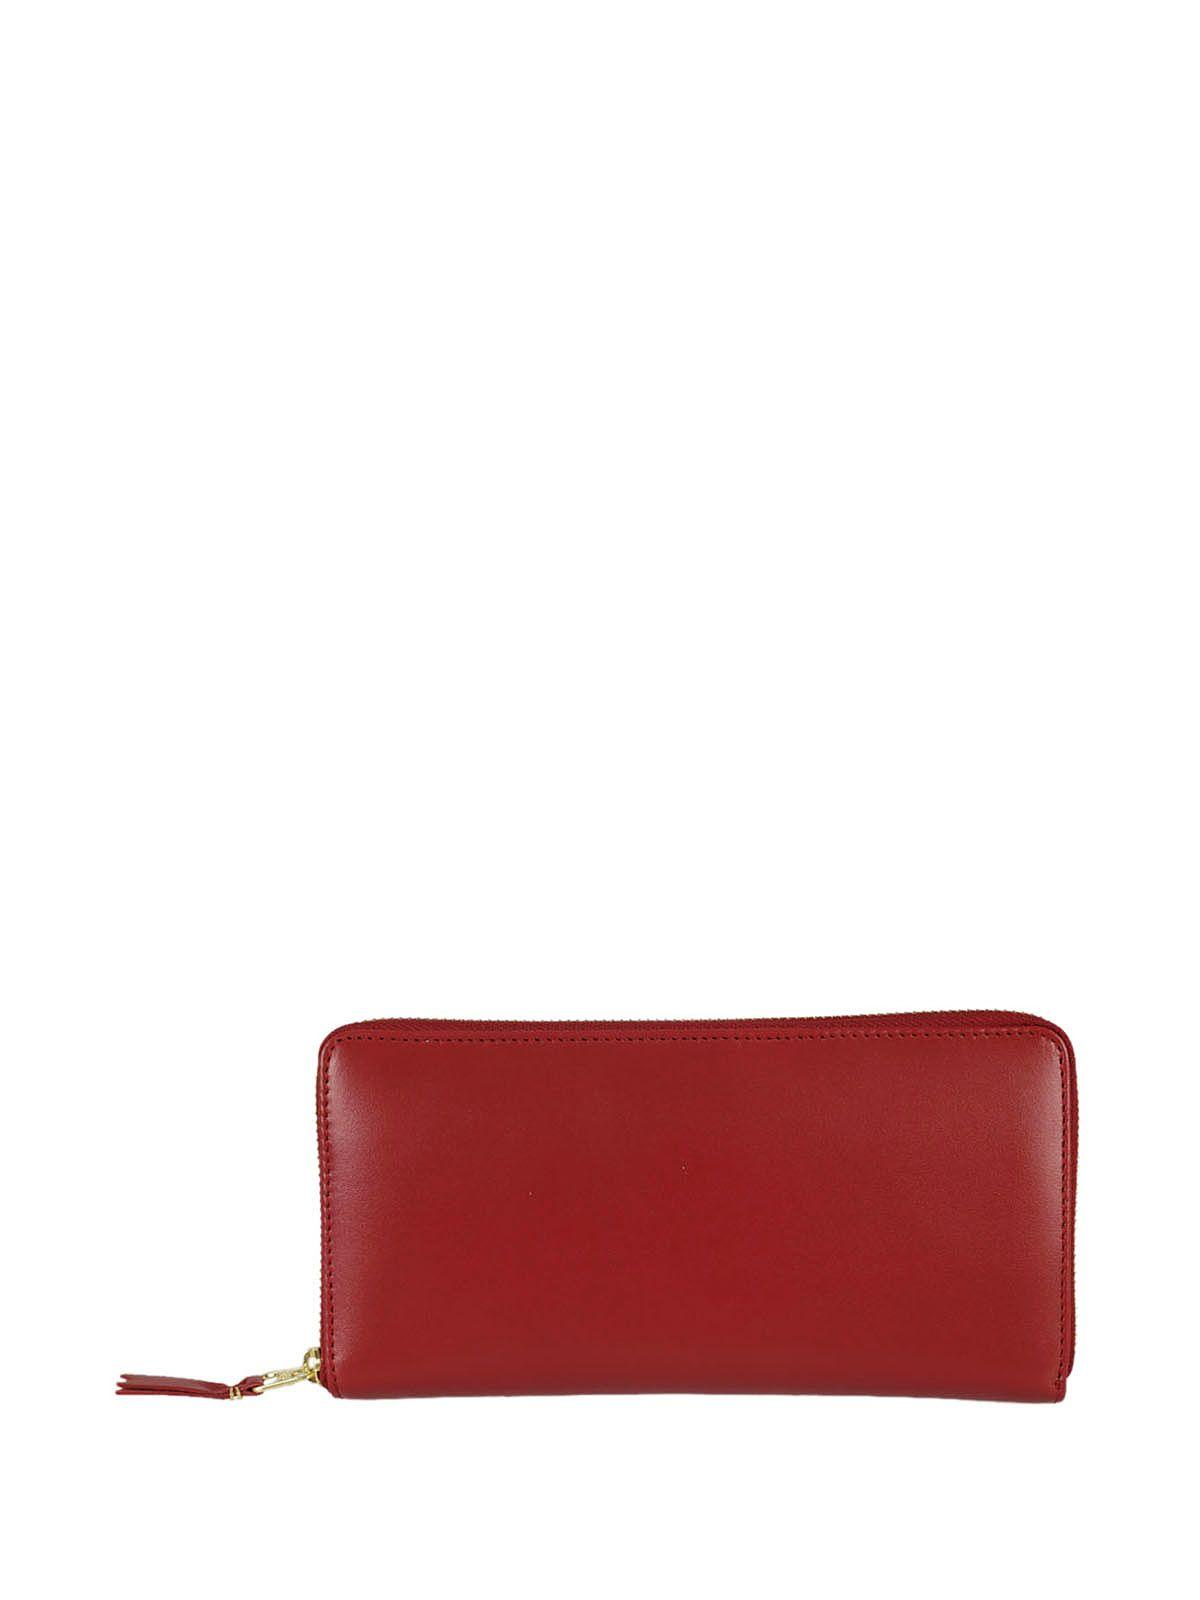 Comme Des GarÇons Wallets Arecalf Zip Around Wallet In Red